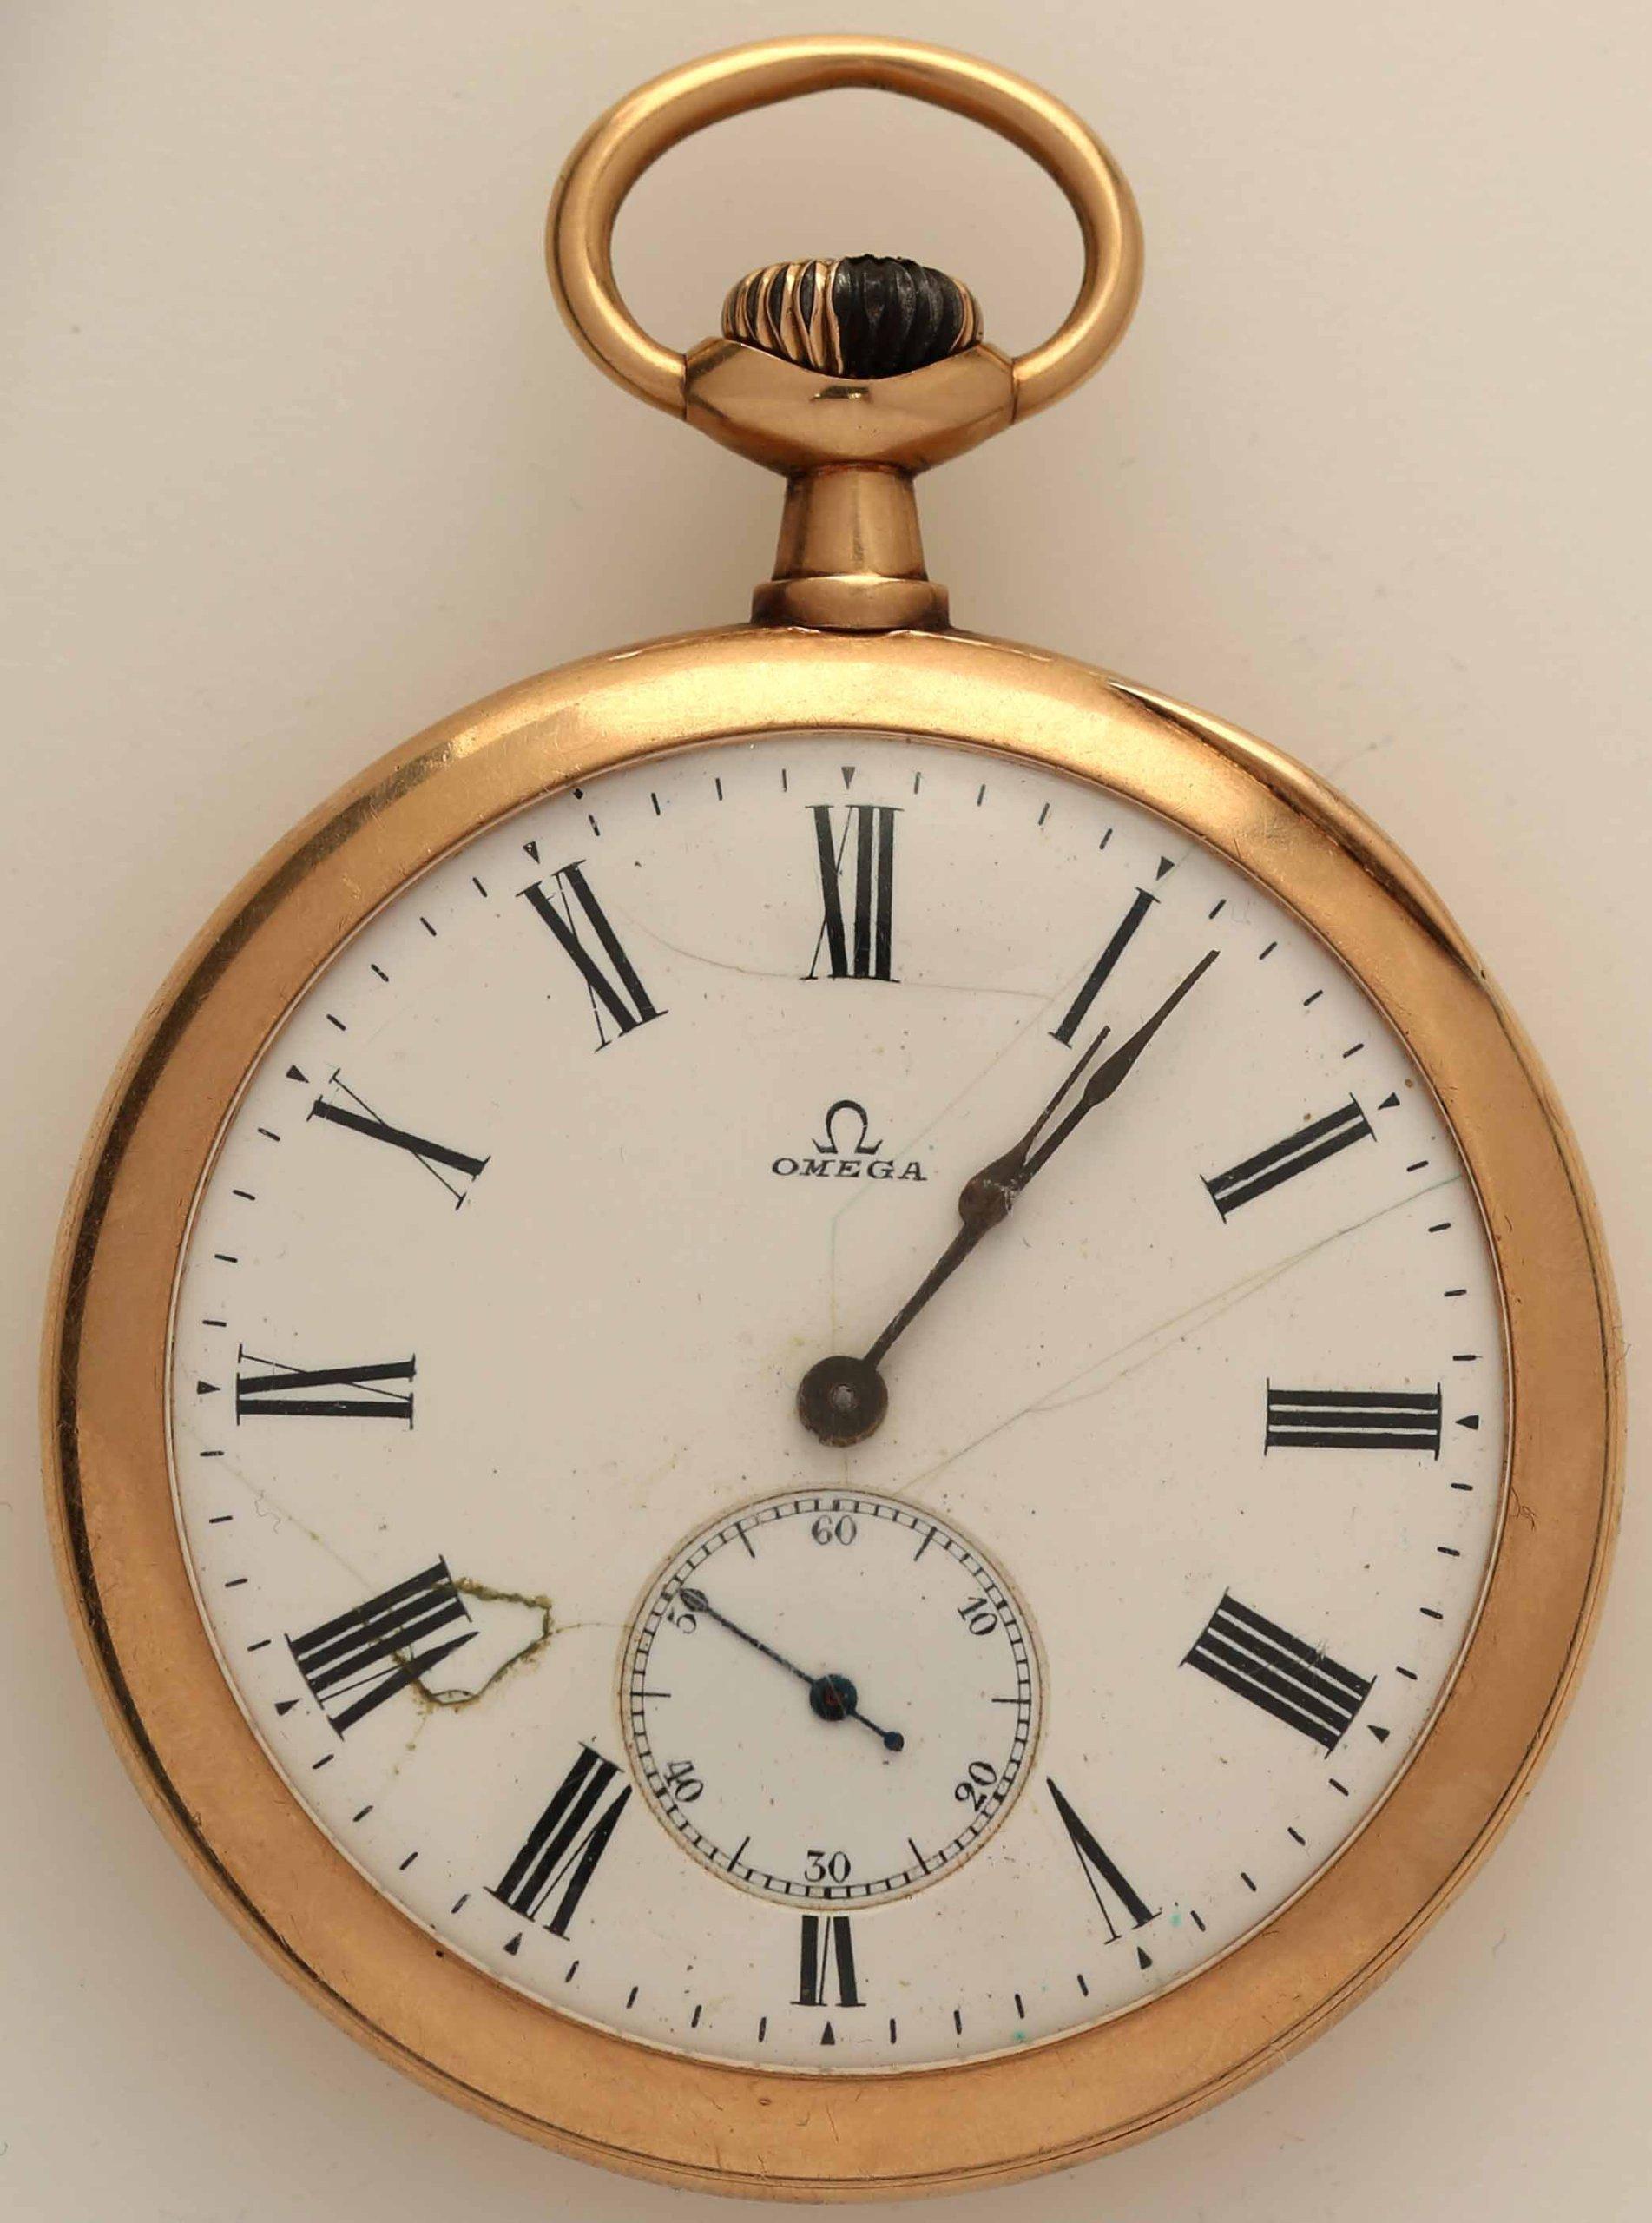 Szwajcaria Zegarek Omega Kieszonkowy Zloto